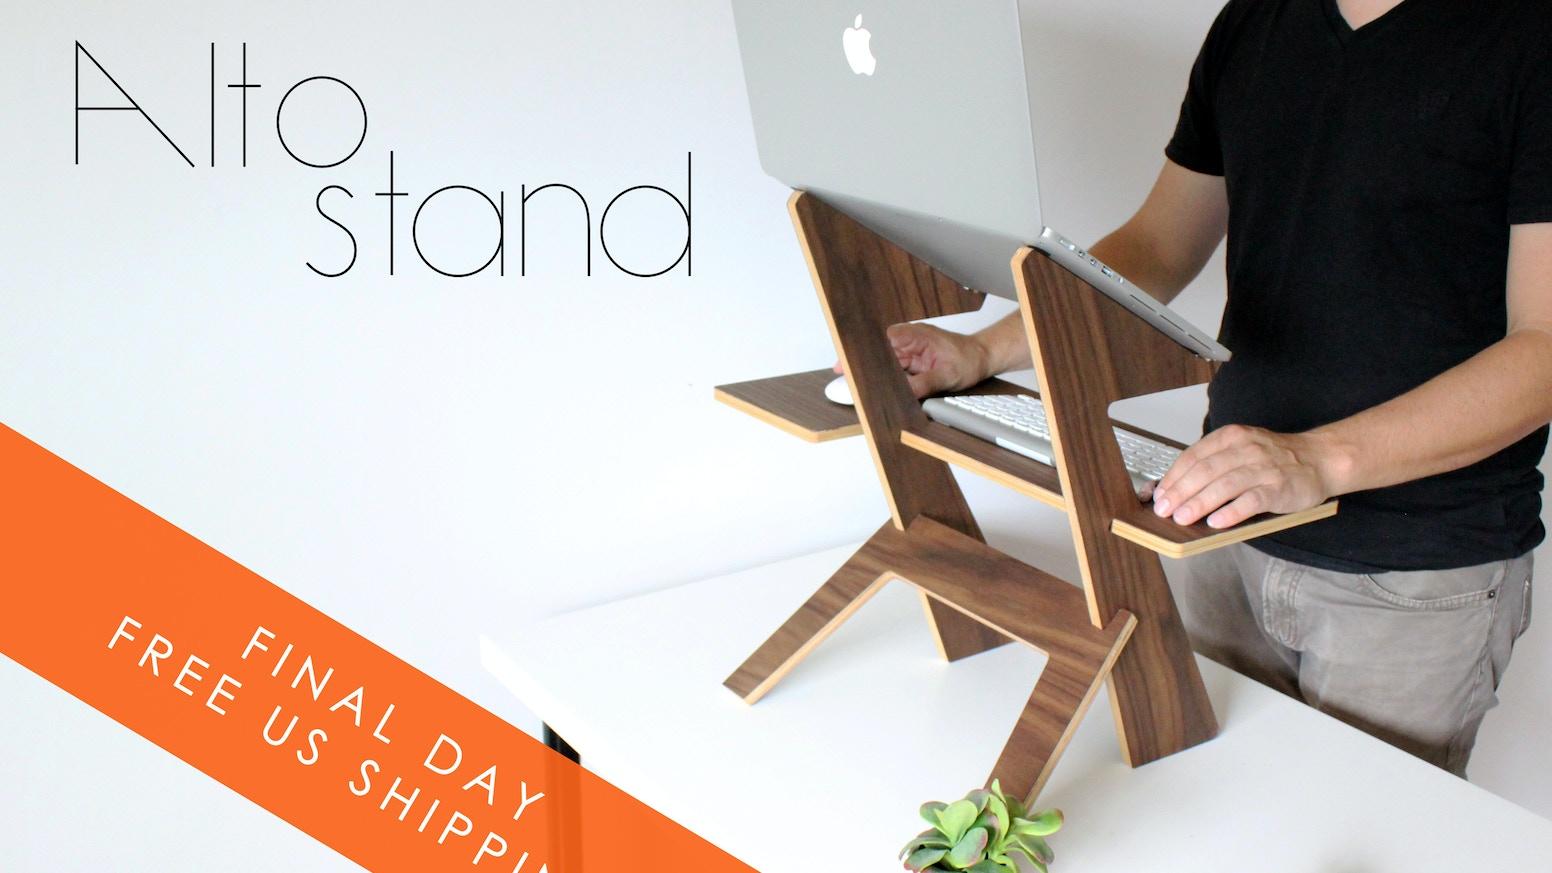 The modern standing desk, minimal-elegant-affordable design.